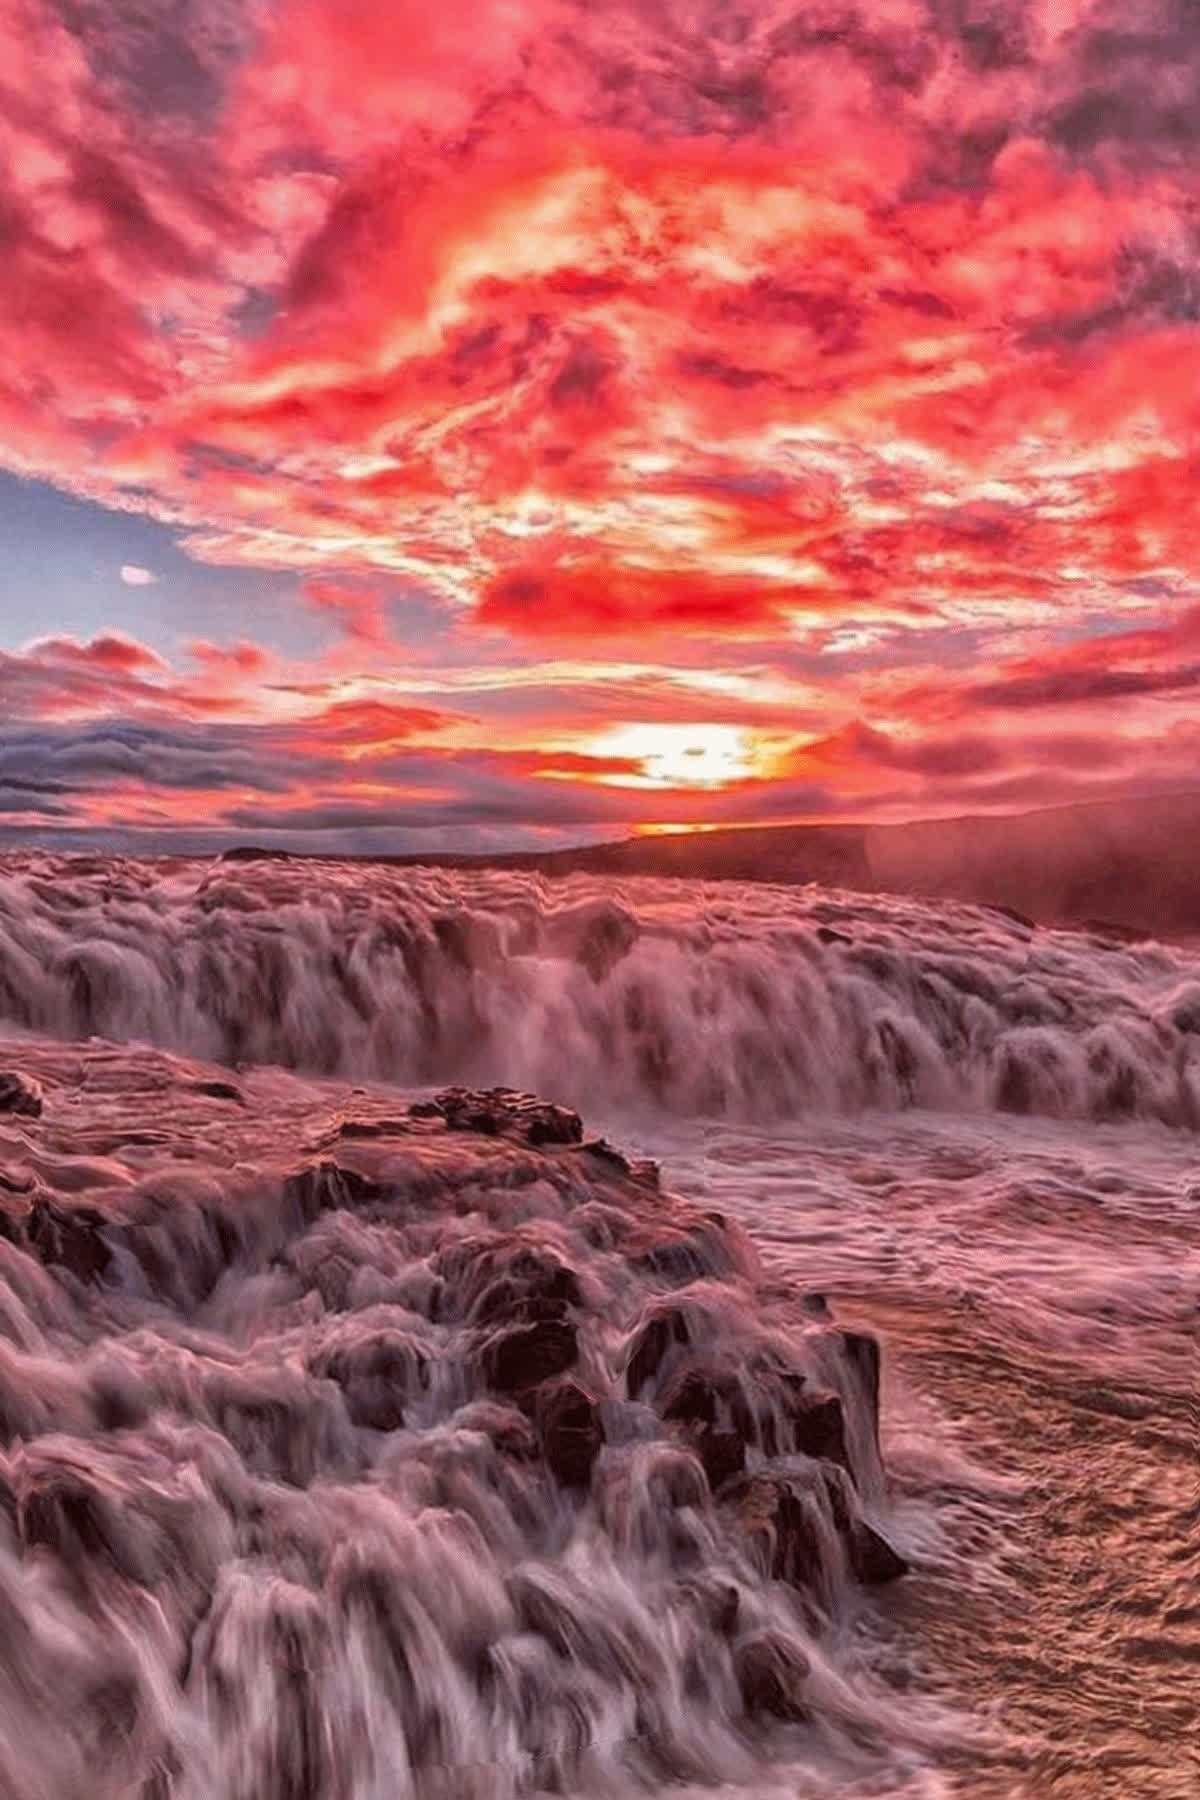 animation, colorful, dusk, mirage, nature, sunset, water, waterfall, Sunset Waterfalls GIFs